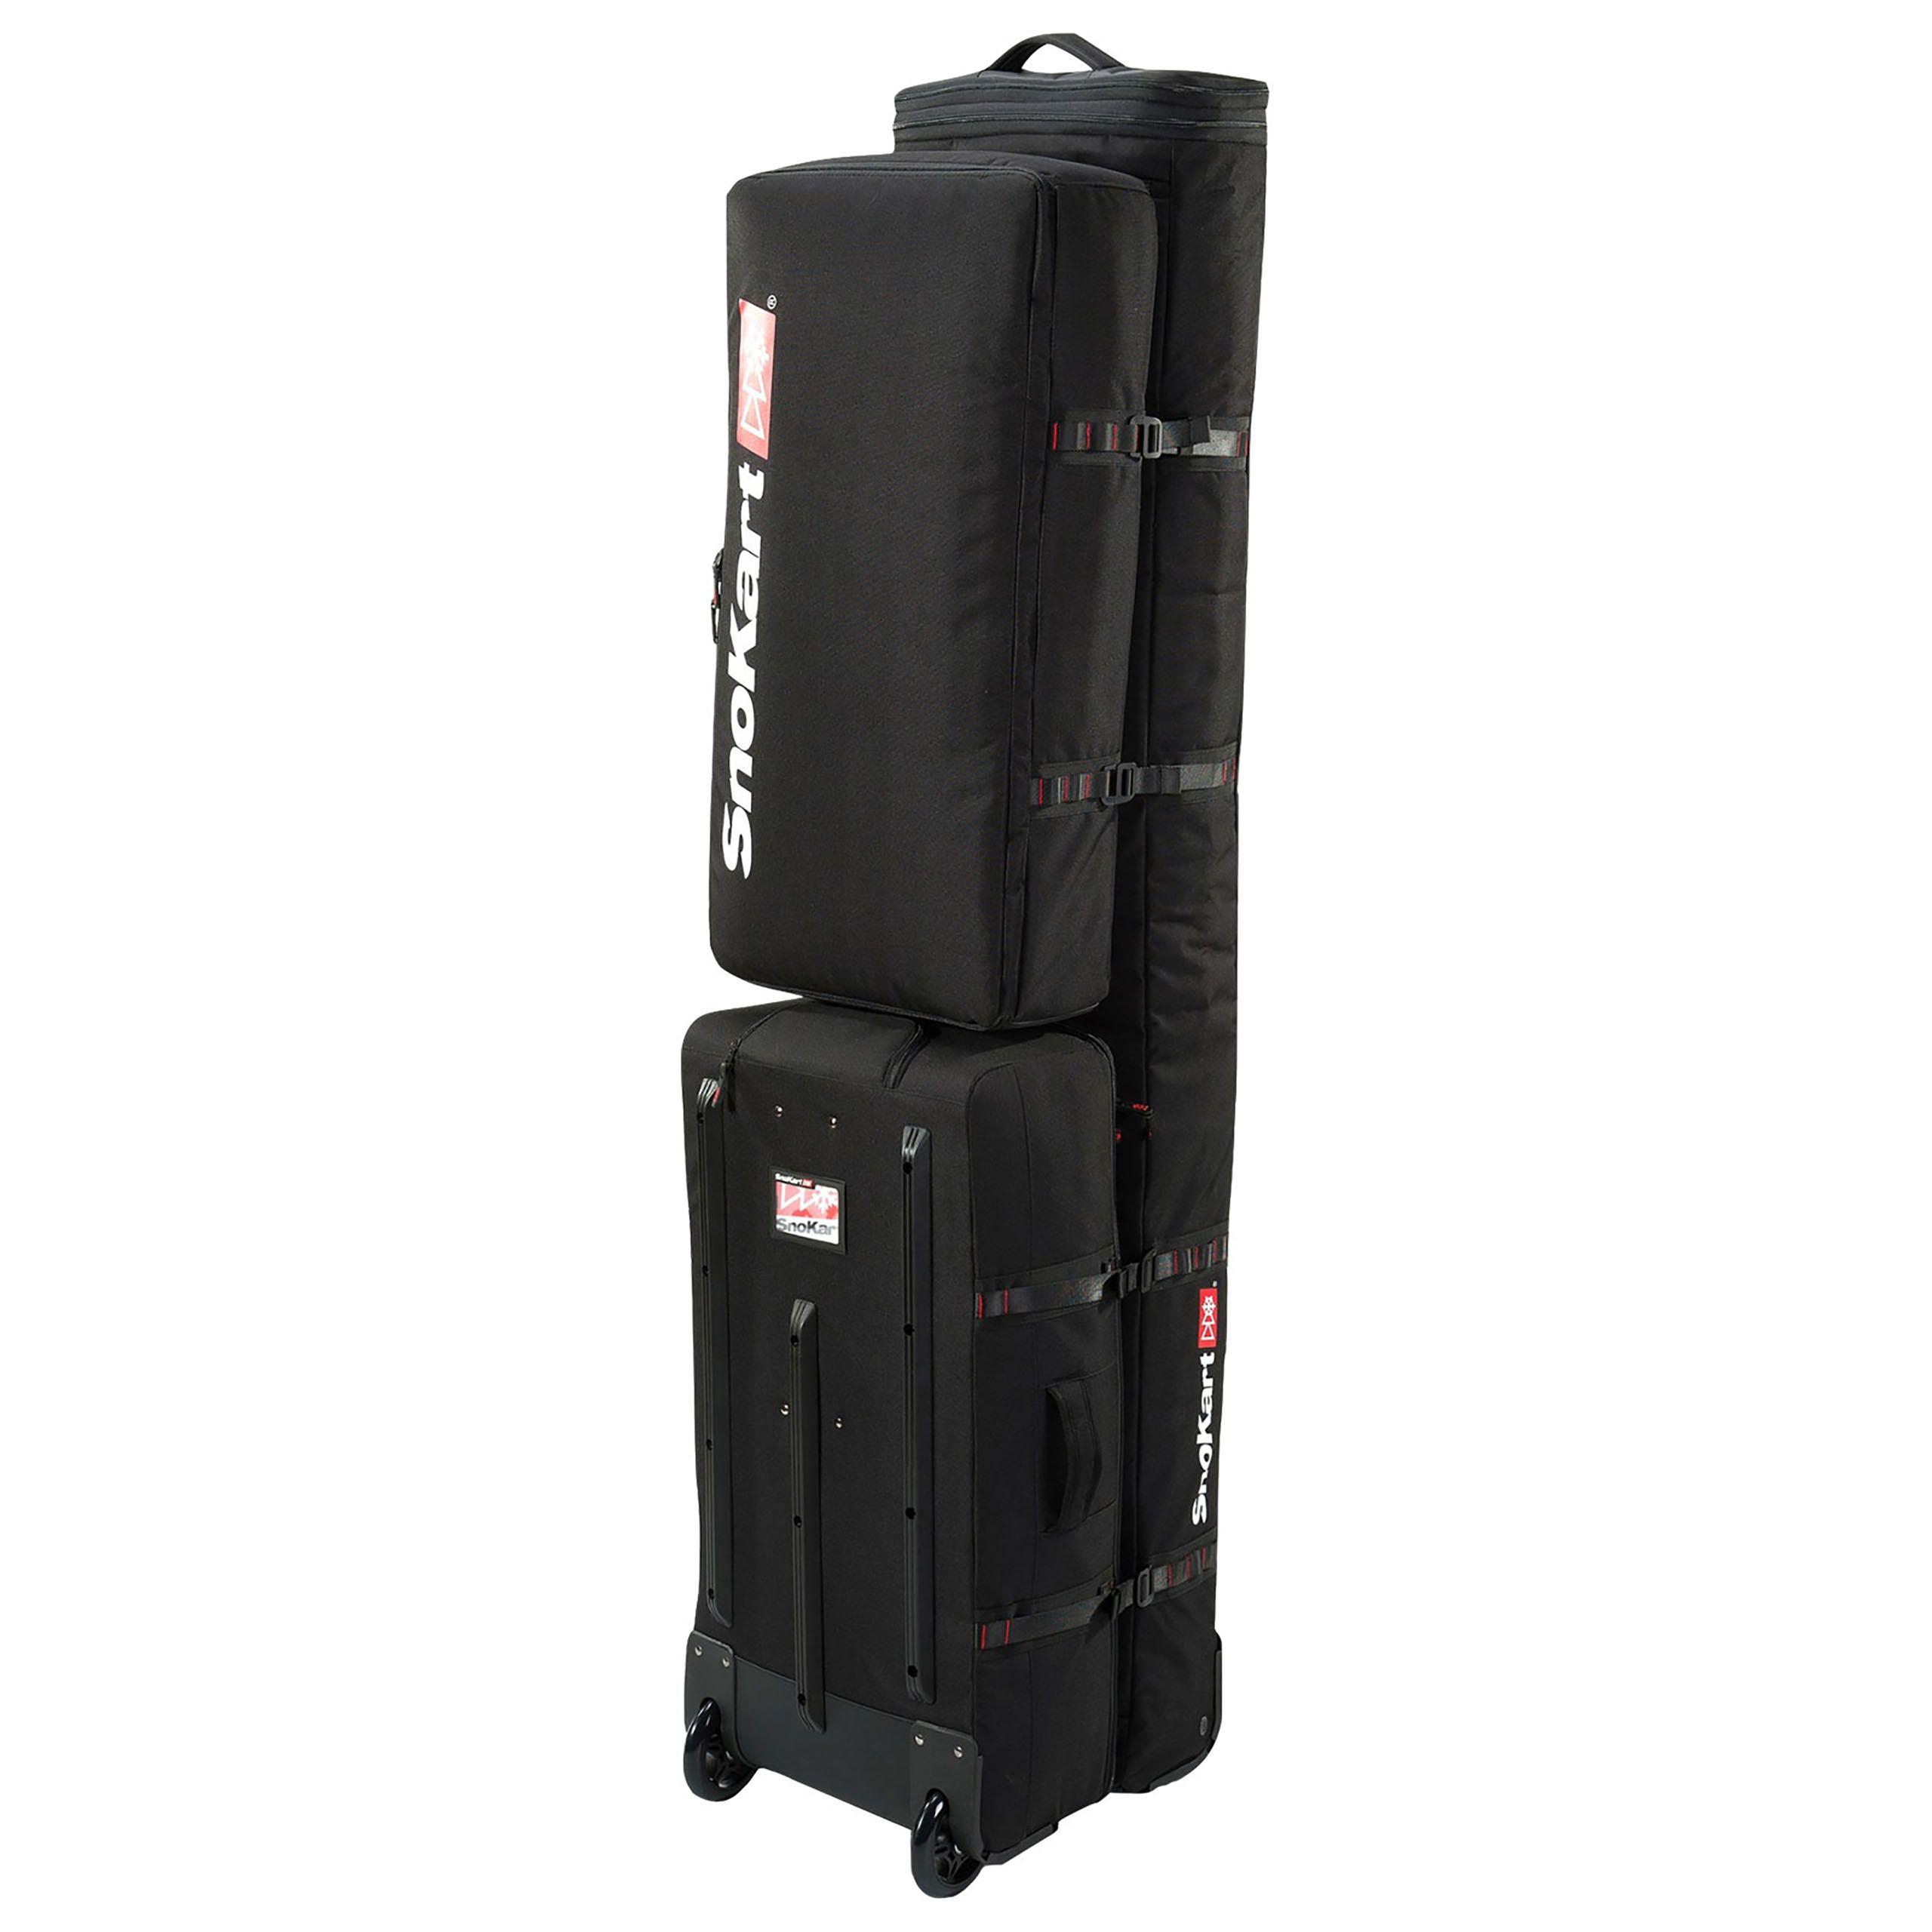 Snokart Kart 6 Zoom Luggage